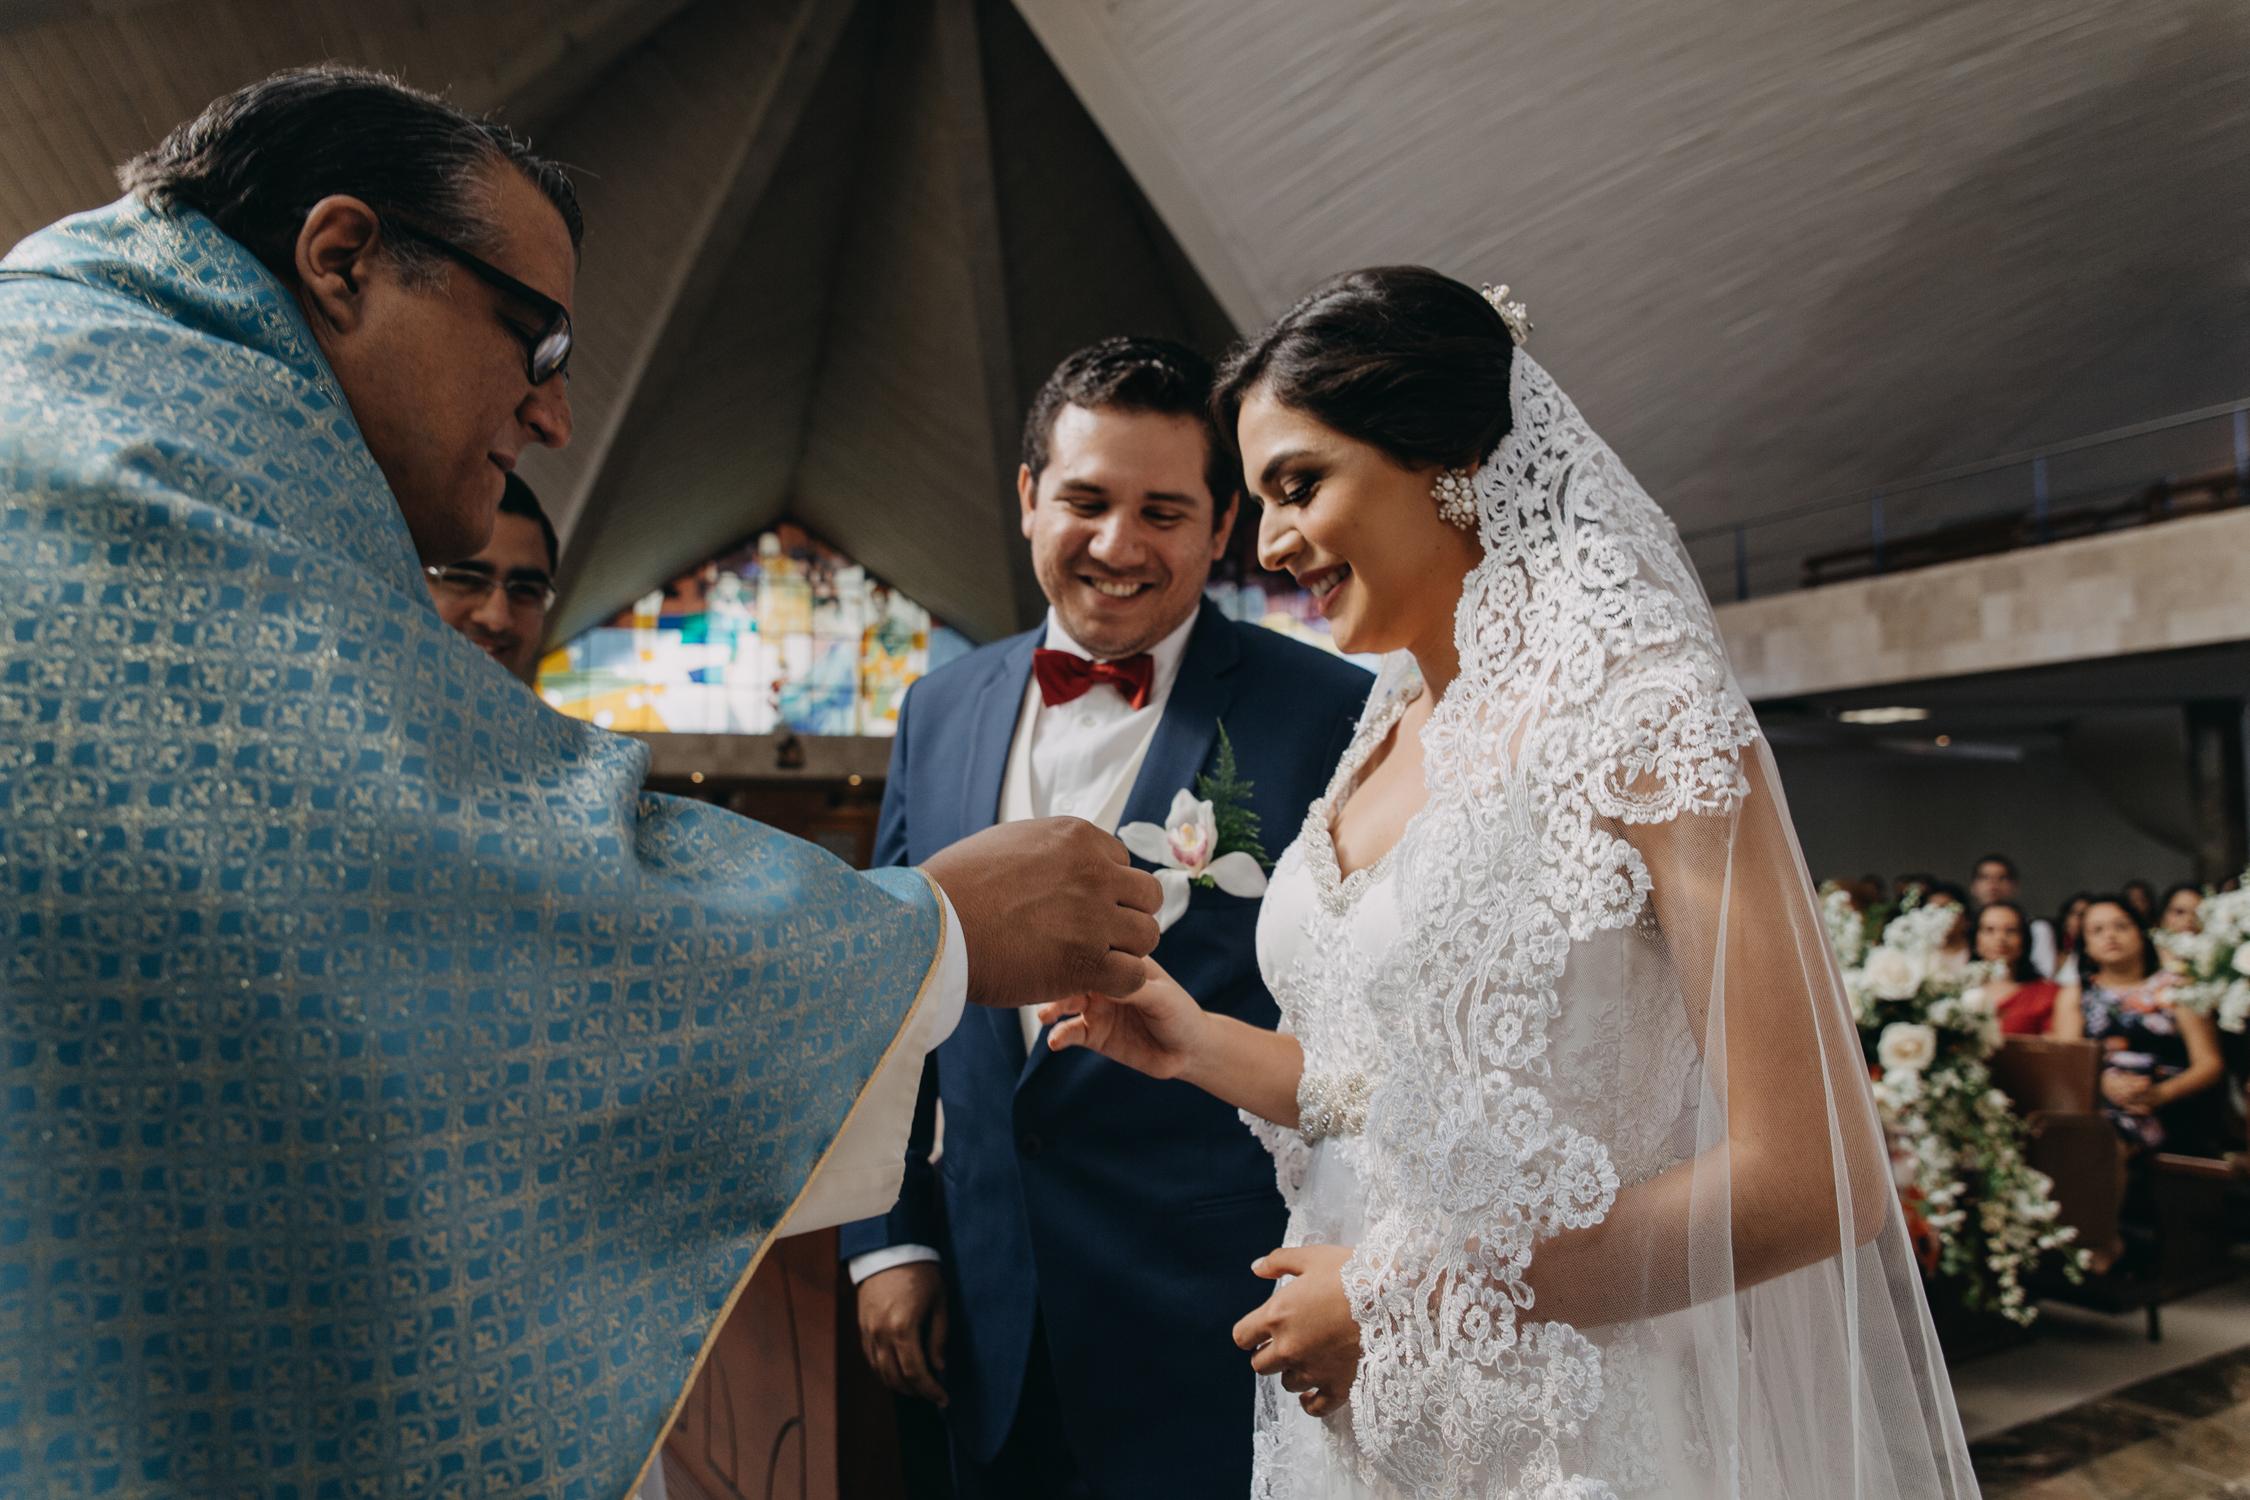 Michelle-Agurto-Fotografia-Bodas-Ecuador-Destination-Wedding-Photographer-Cristi-Luis-48.JPG